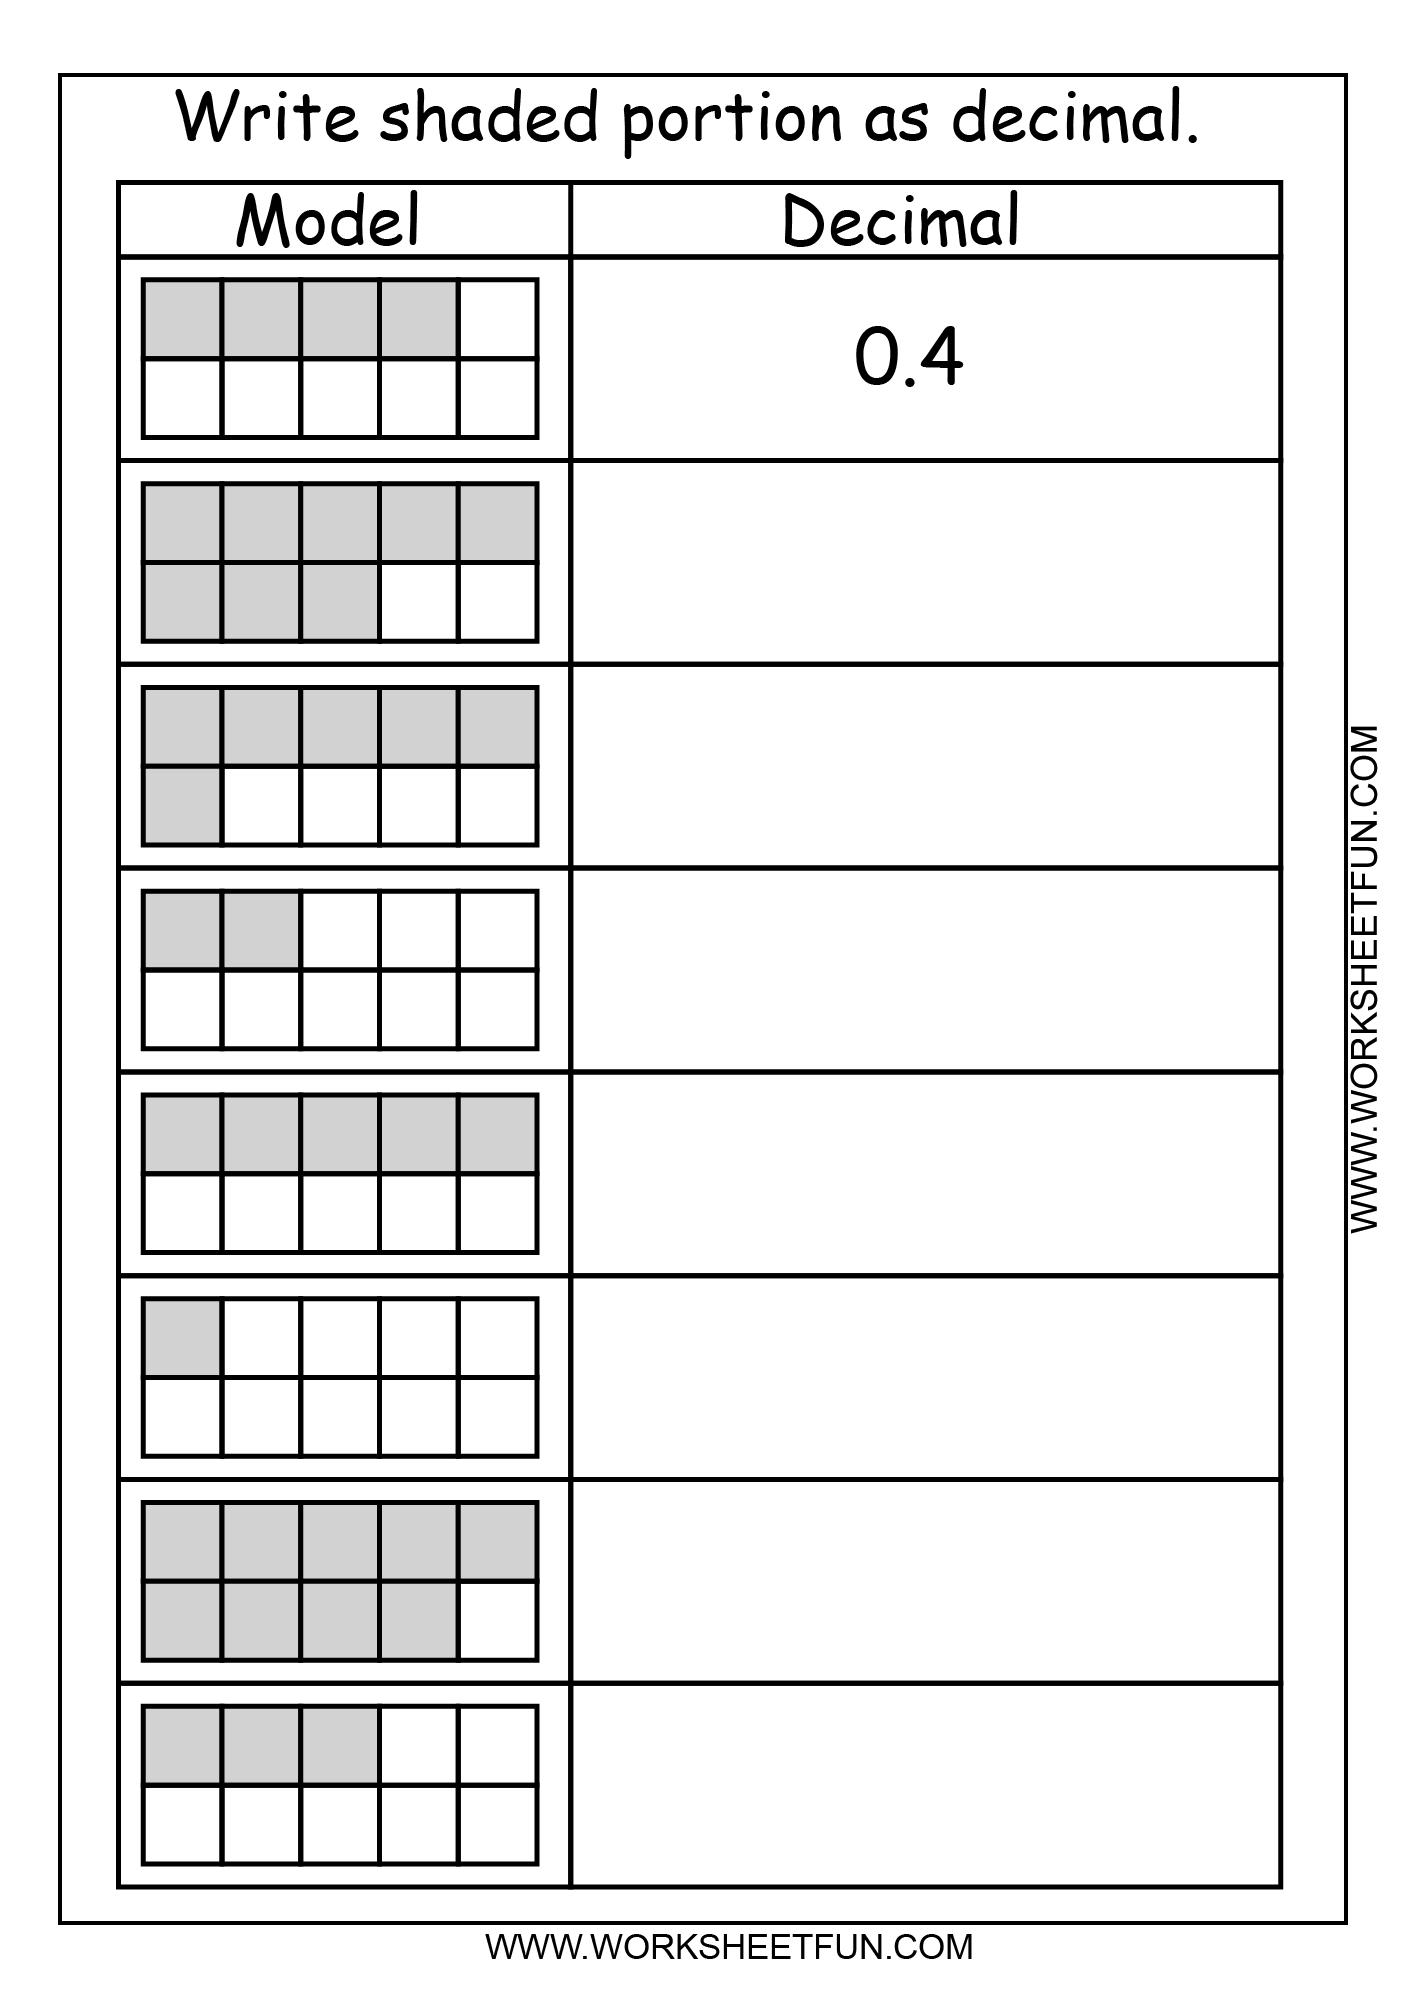 Decimal Model Tenths 2 Worksheets Free Printable